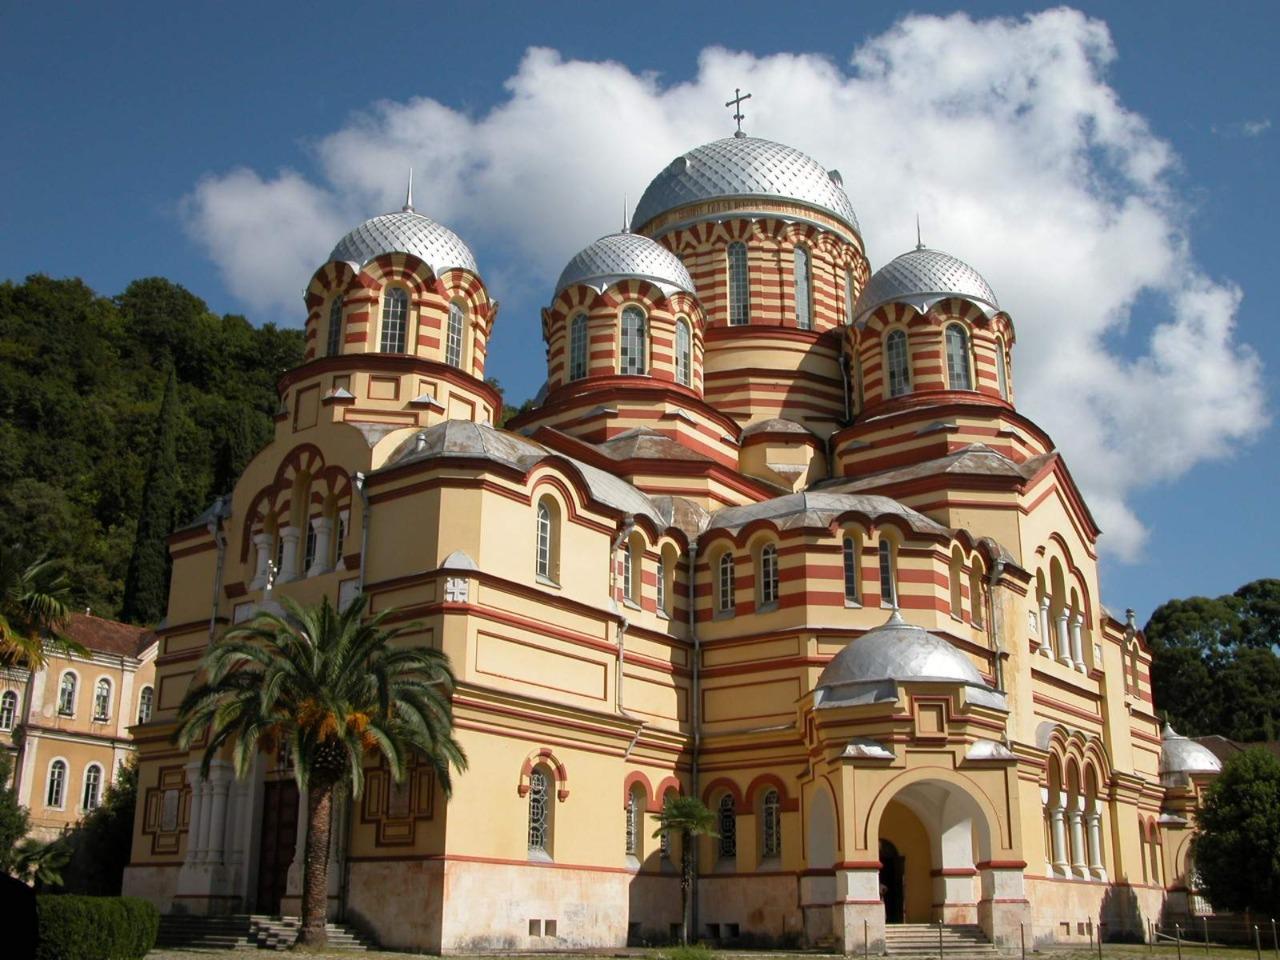 Новый Афон - от Византии до наших дней - индивидуальная экскурсия в Сочи от опытного гида